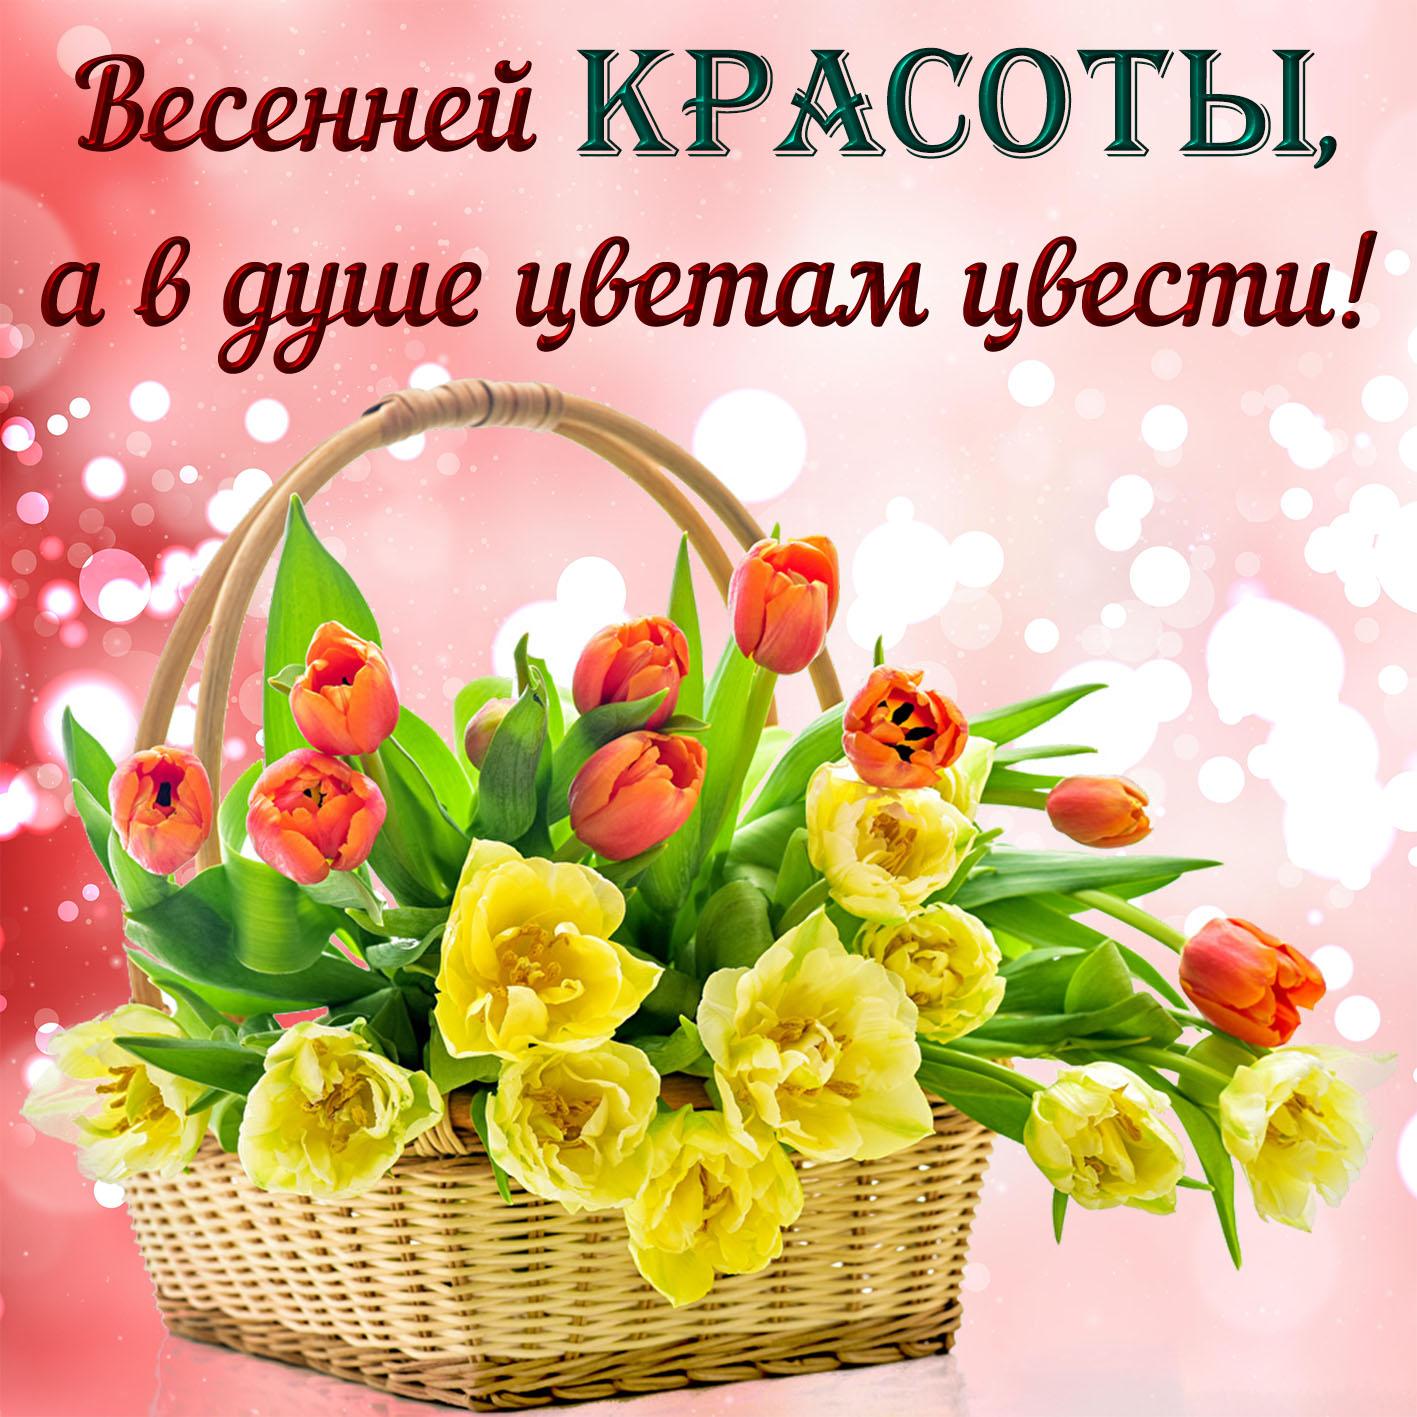 Открытка с весенними цветами на милом фоне